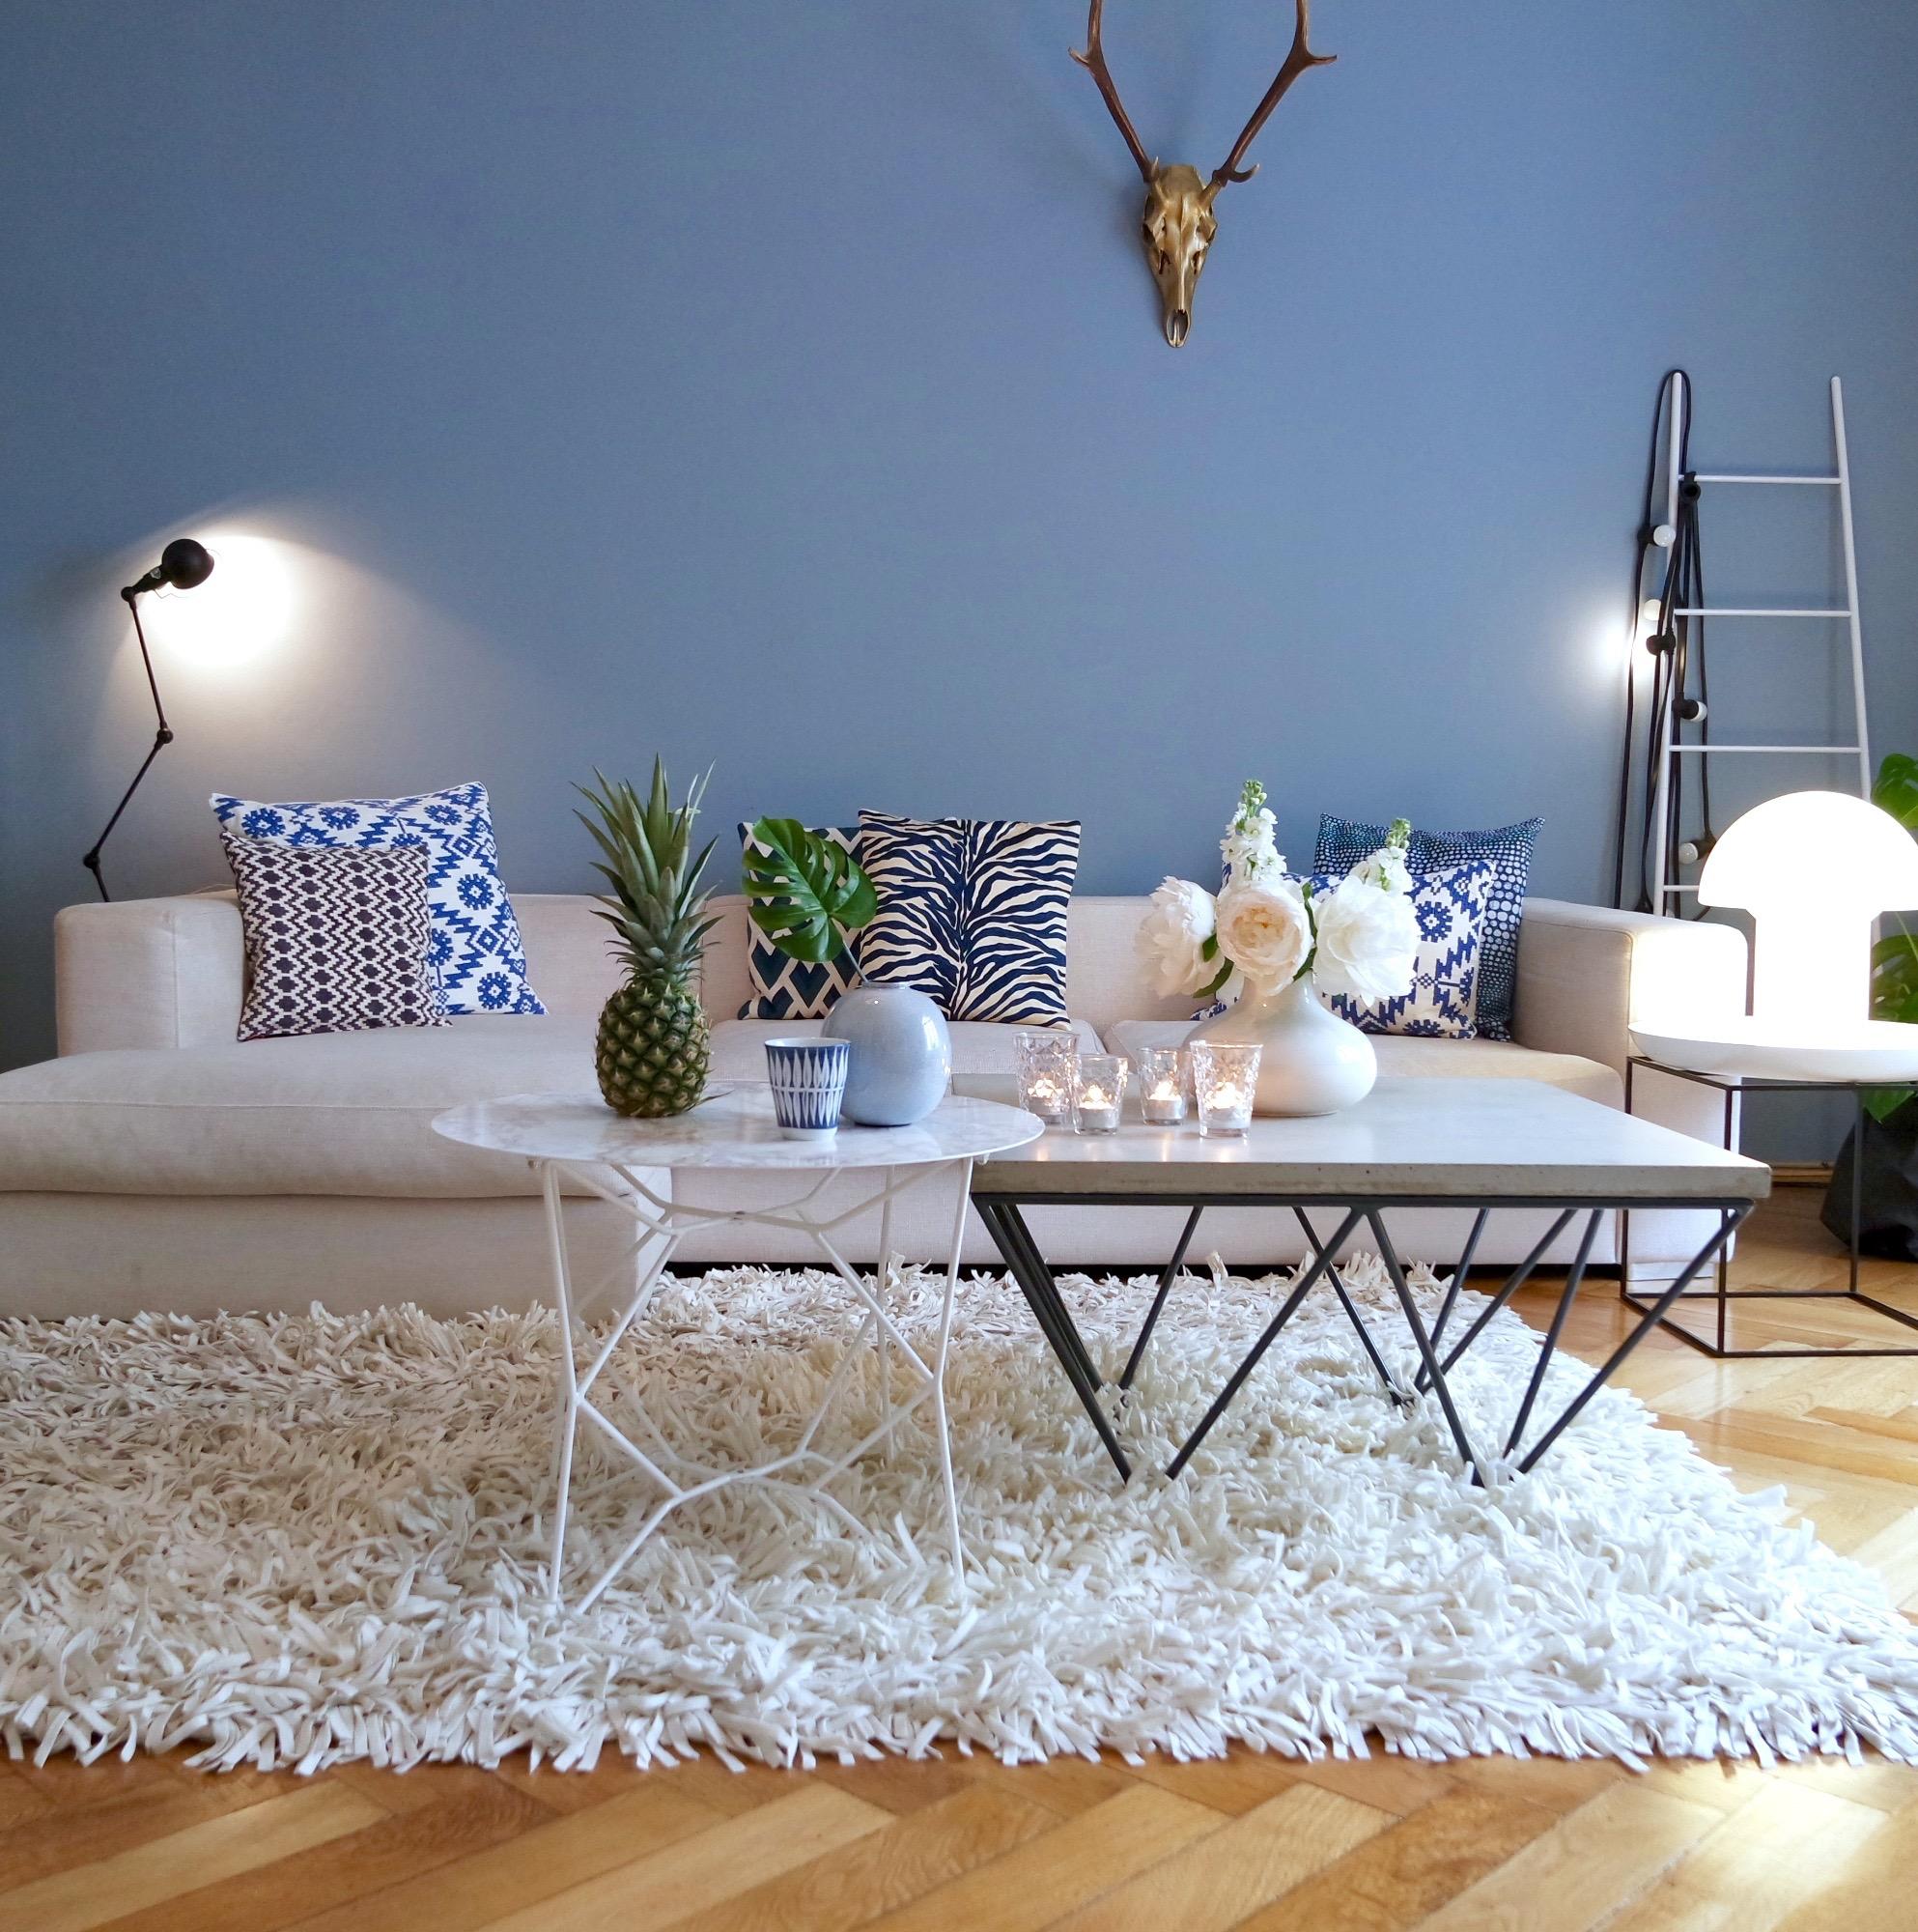 interior jetzt gibt es weitere einblicke ins wohn und esszimmer und die farblichen. Black Bedroom Furniture Sets. Home Design Ideas